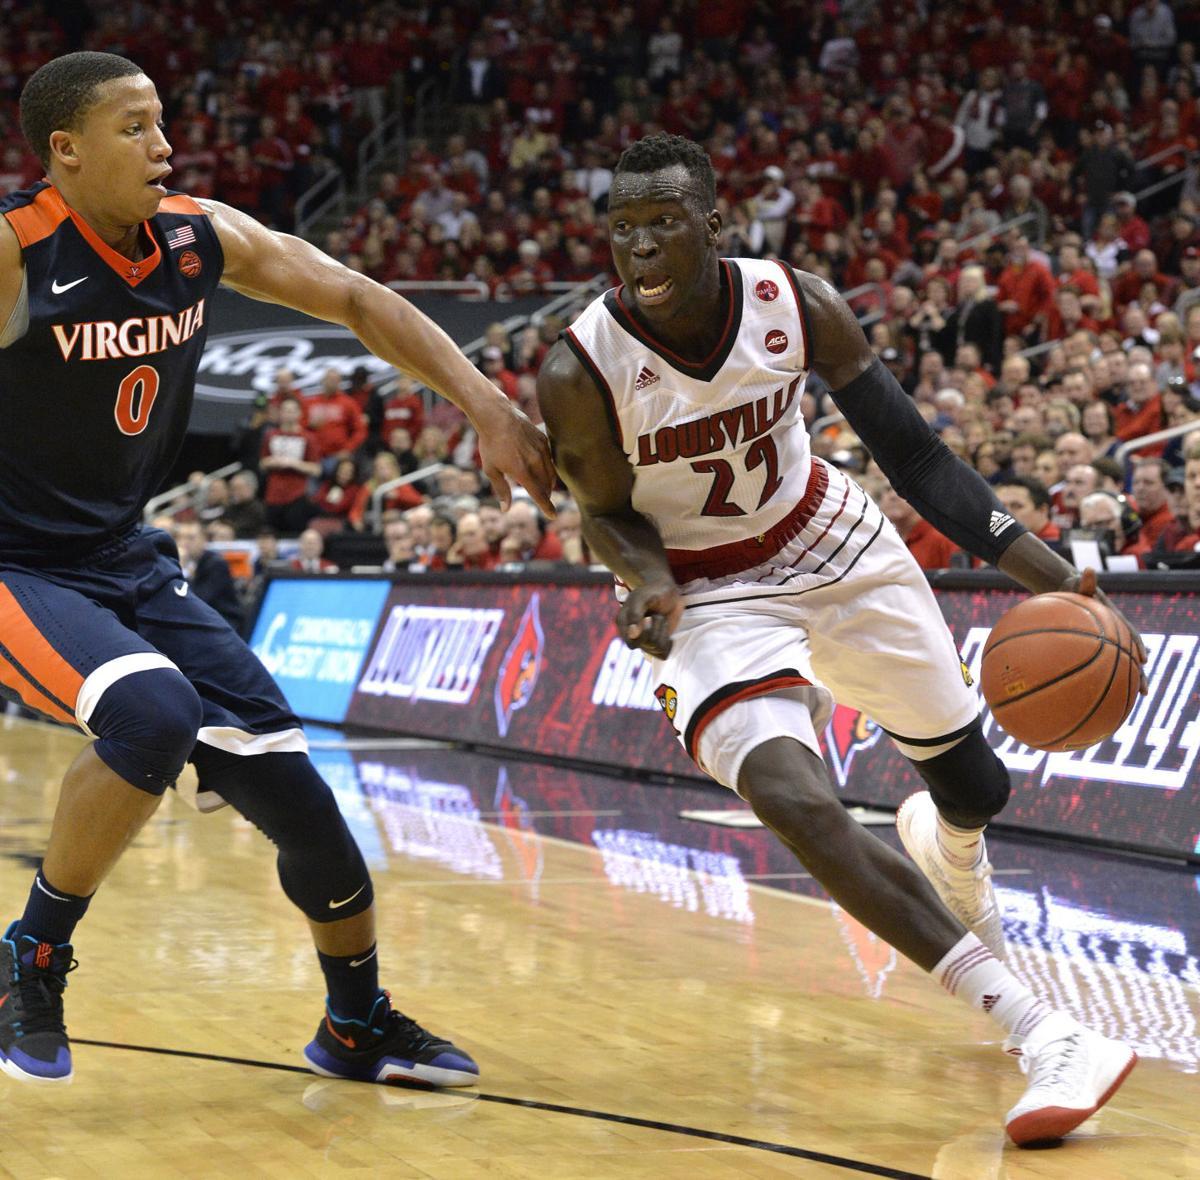 Virginia Louisville Basketball